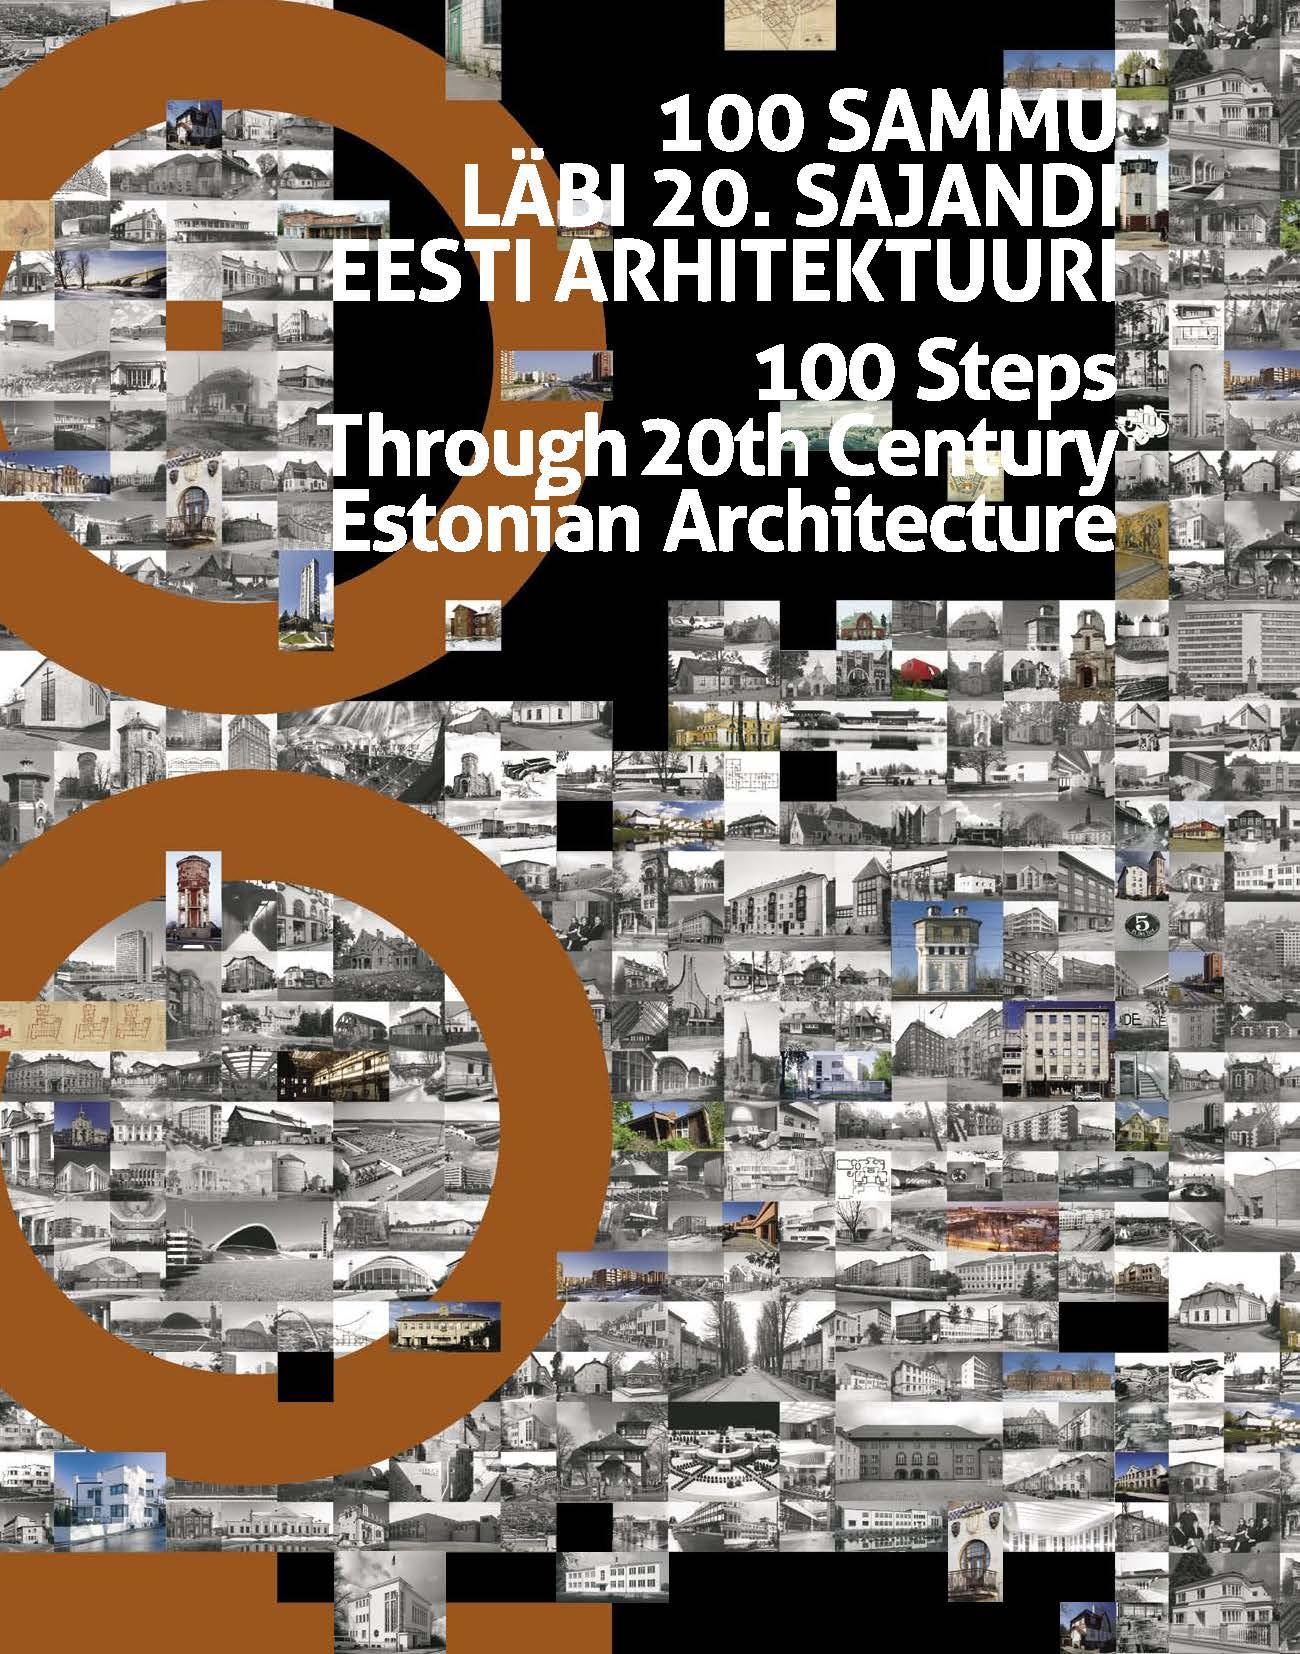 100 sammu läbi 20. sajandi Eesti arhitektuuri